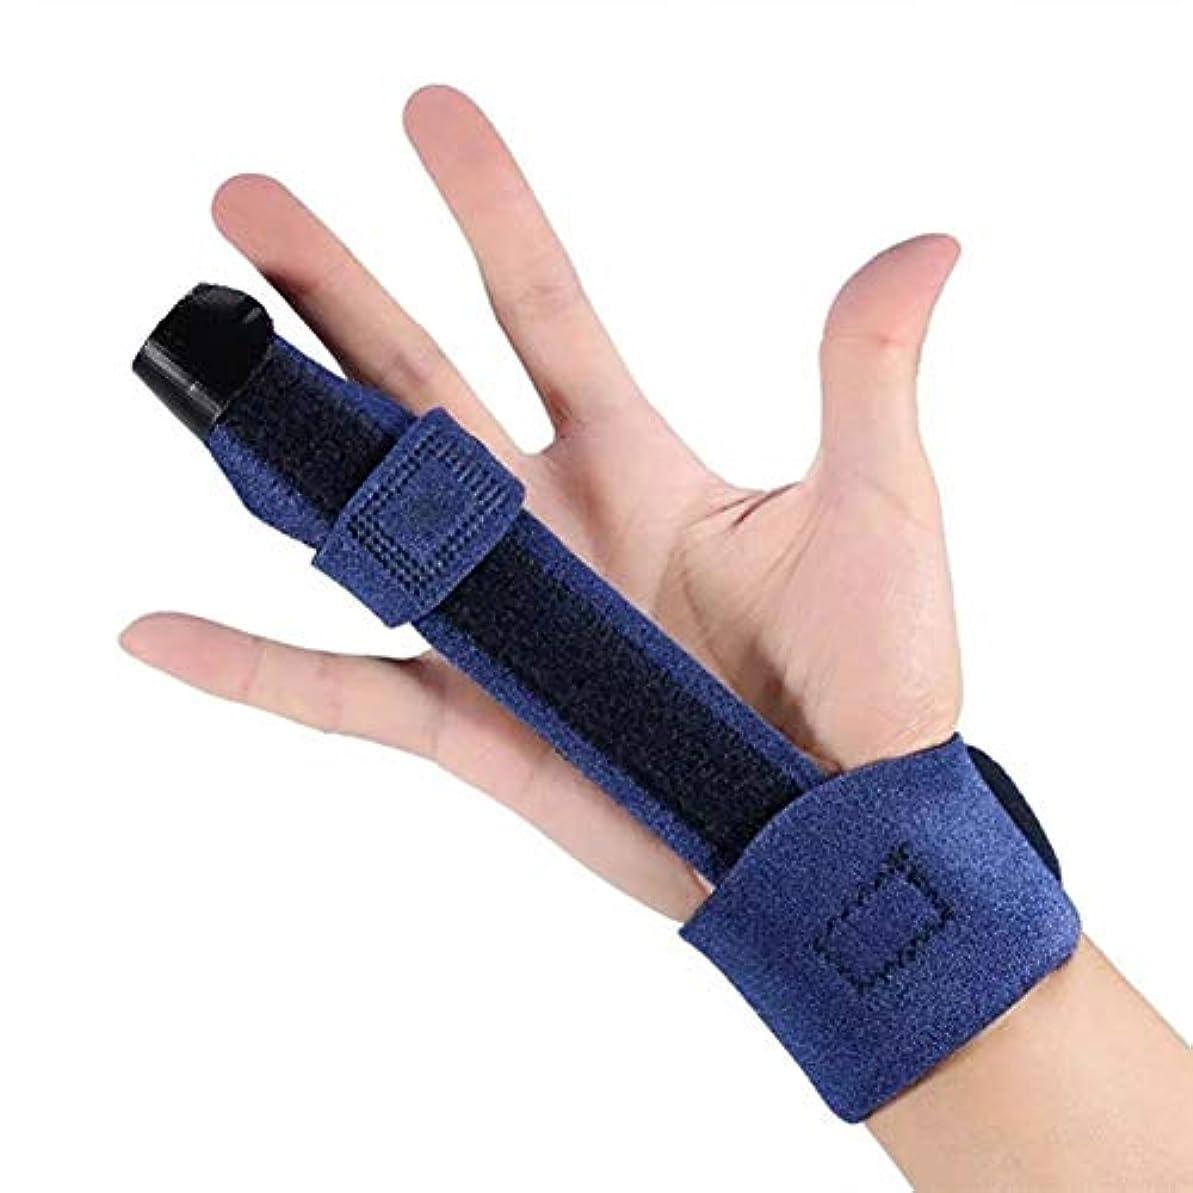 満足かみそりゲートフィンガースプリントフィンガーボードフィンガーセパレーター,リント、ばね指のためのフィンガーサポートスプリント、マレットフィンガー、可鍛性メタリックハンドスプリントフィンガーサポート(調節可能なマジックテープ)